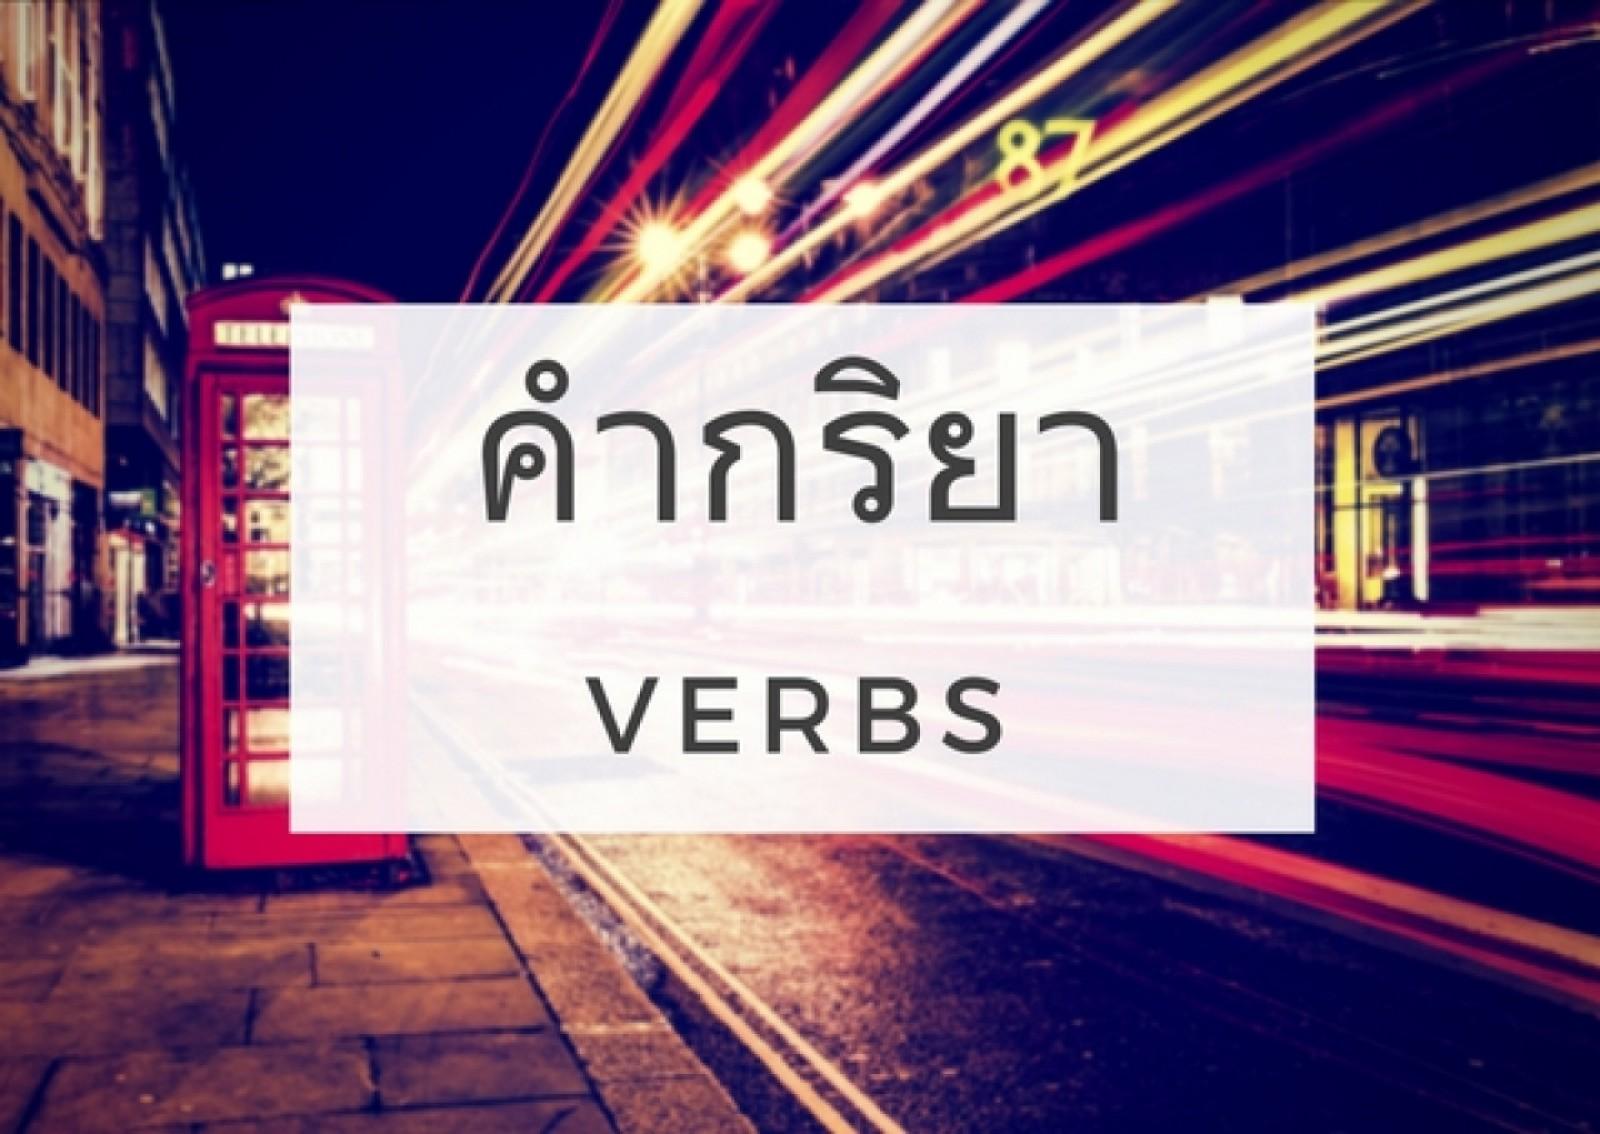 คำกริยา | Eng Hero เรียนภาษาอังกฤษ ออนไลน์ ฟรี